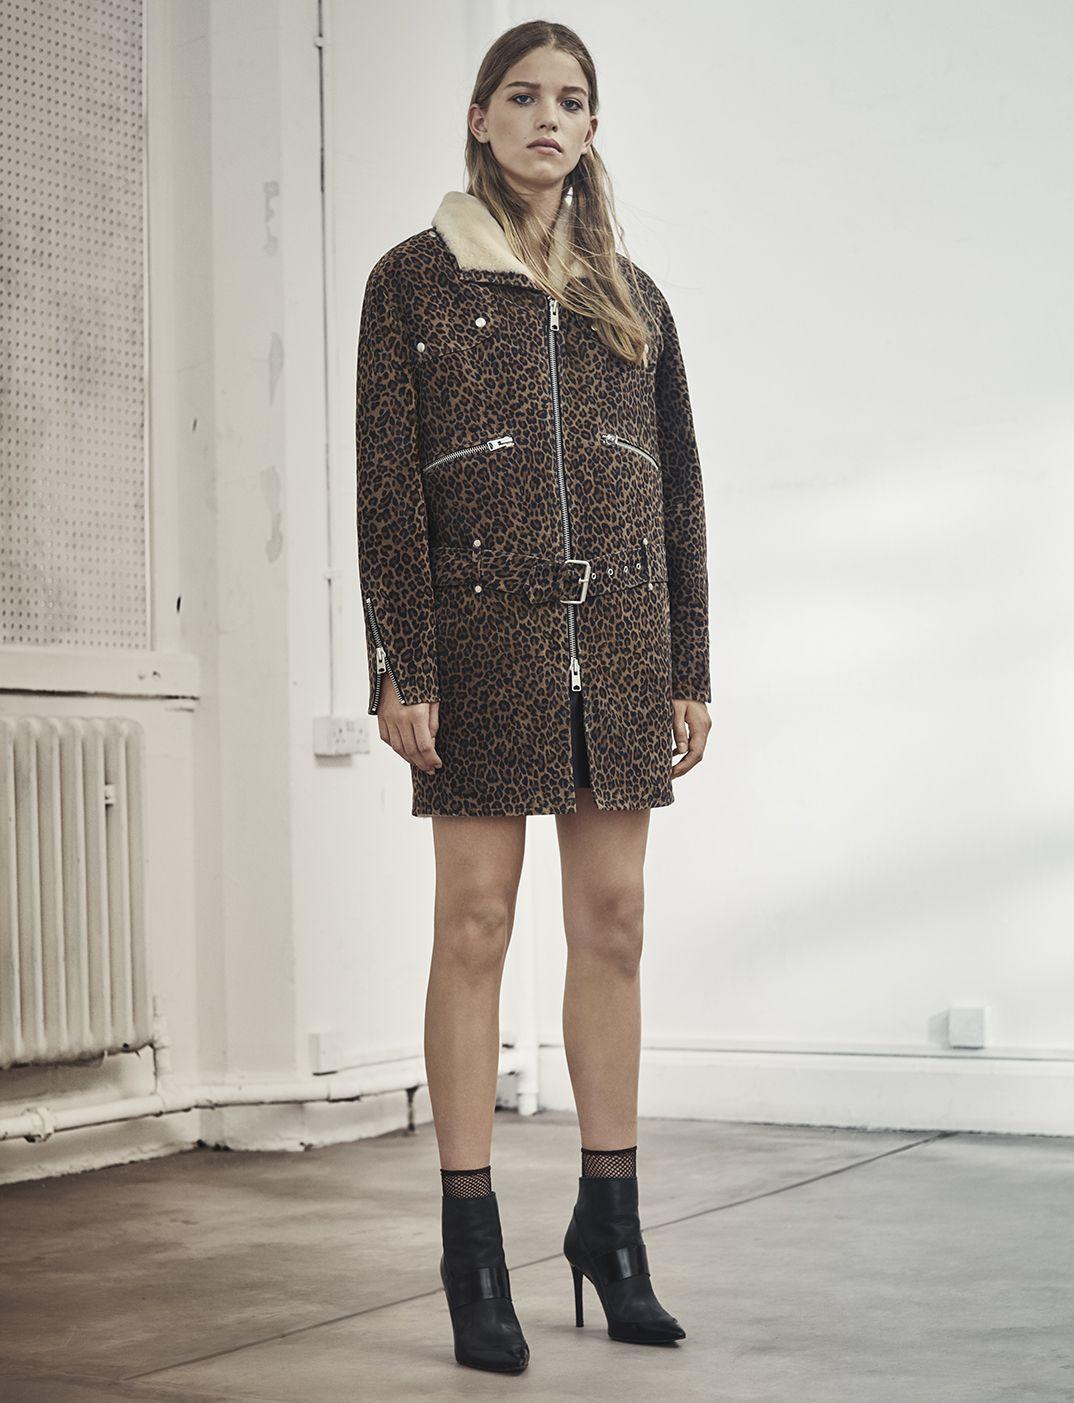 AllSaints Women's October Lookbook Look 8: Leopard Collins Suede Coat,  Xavier Heel Boot.